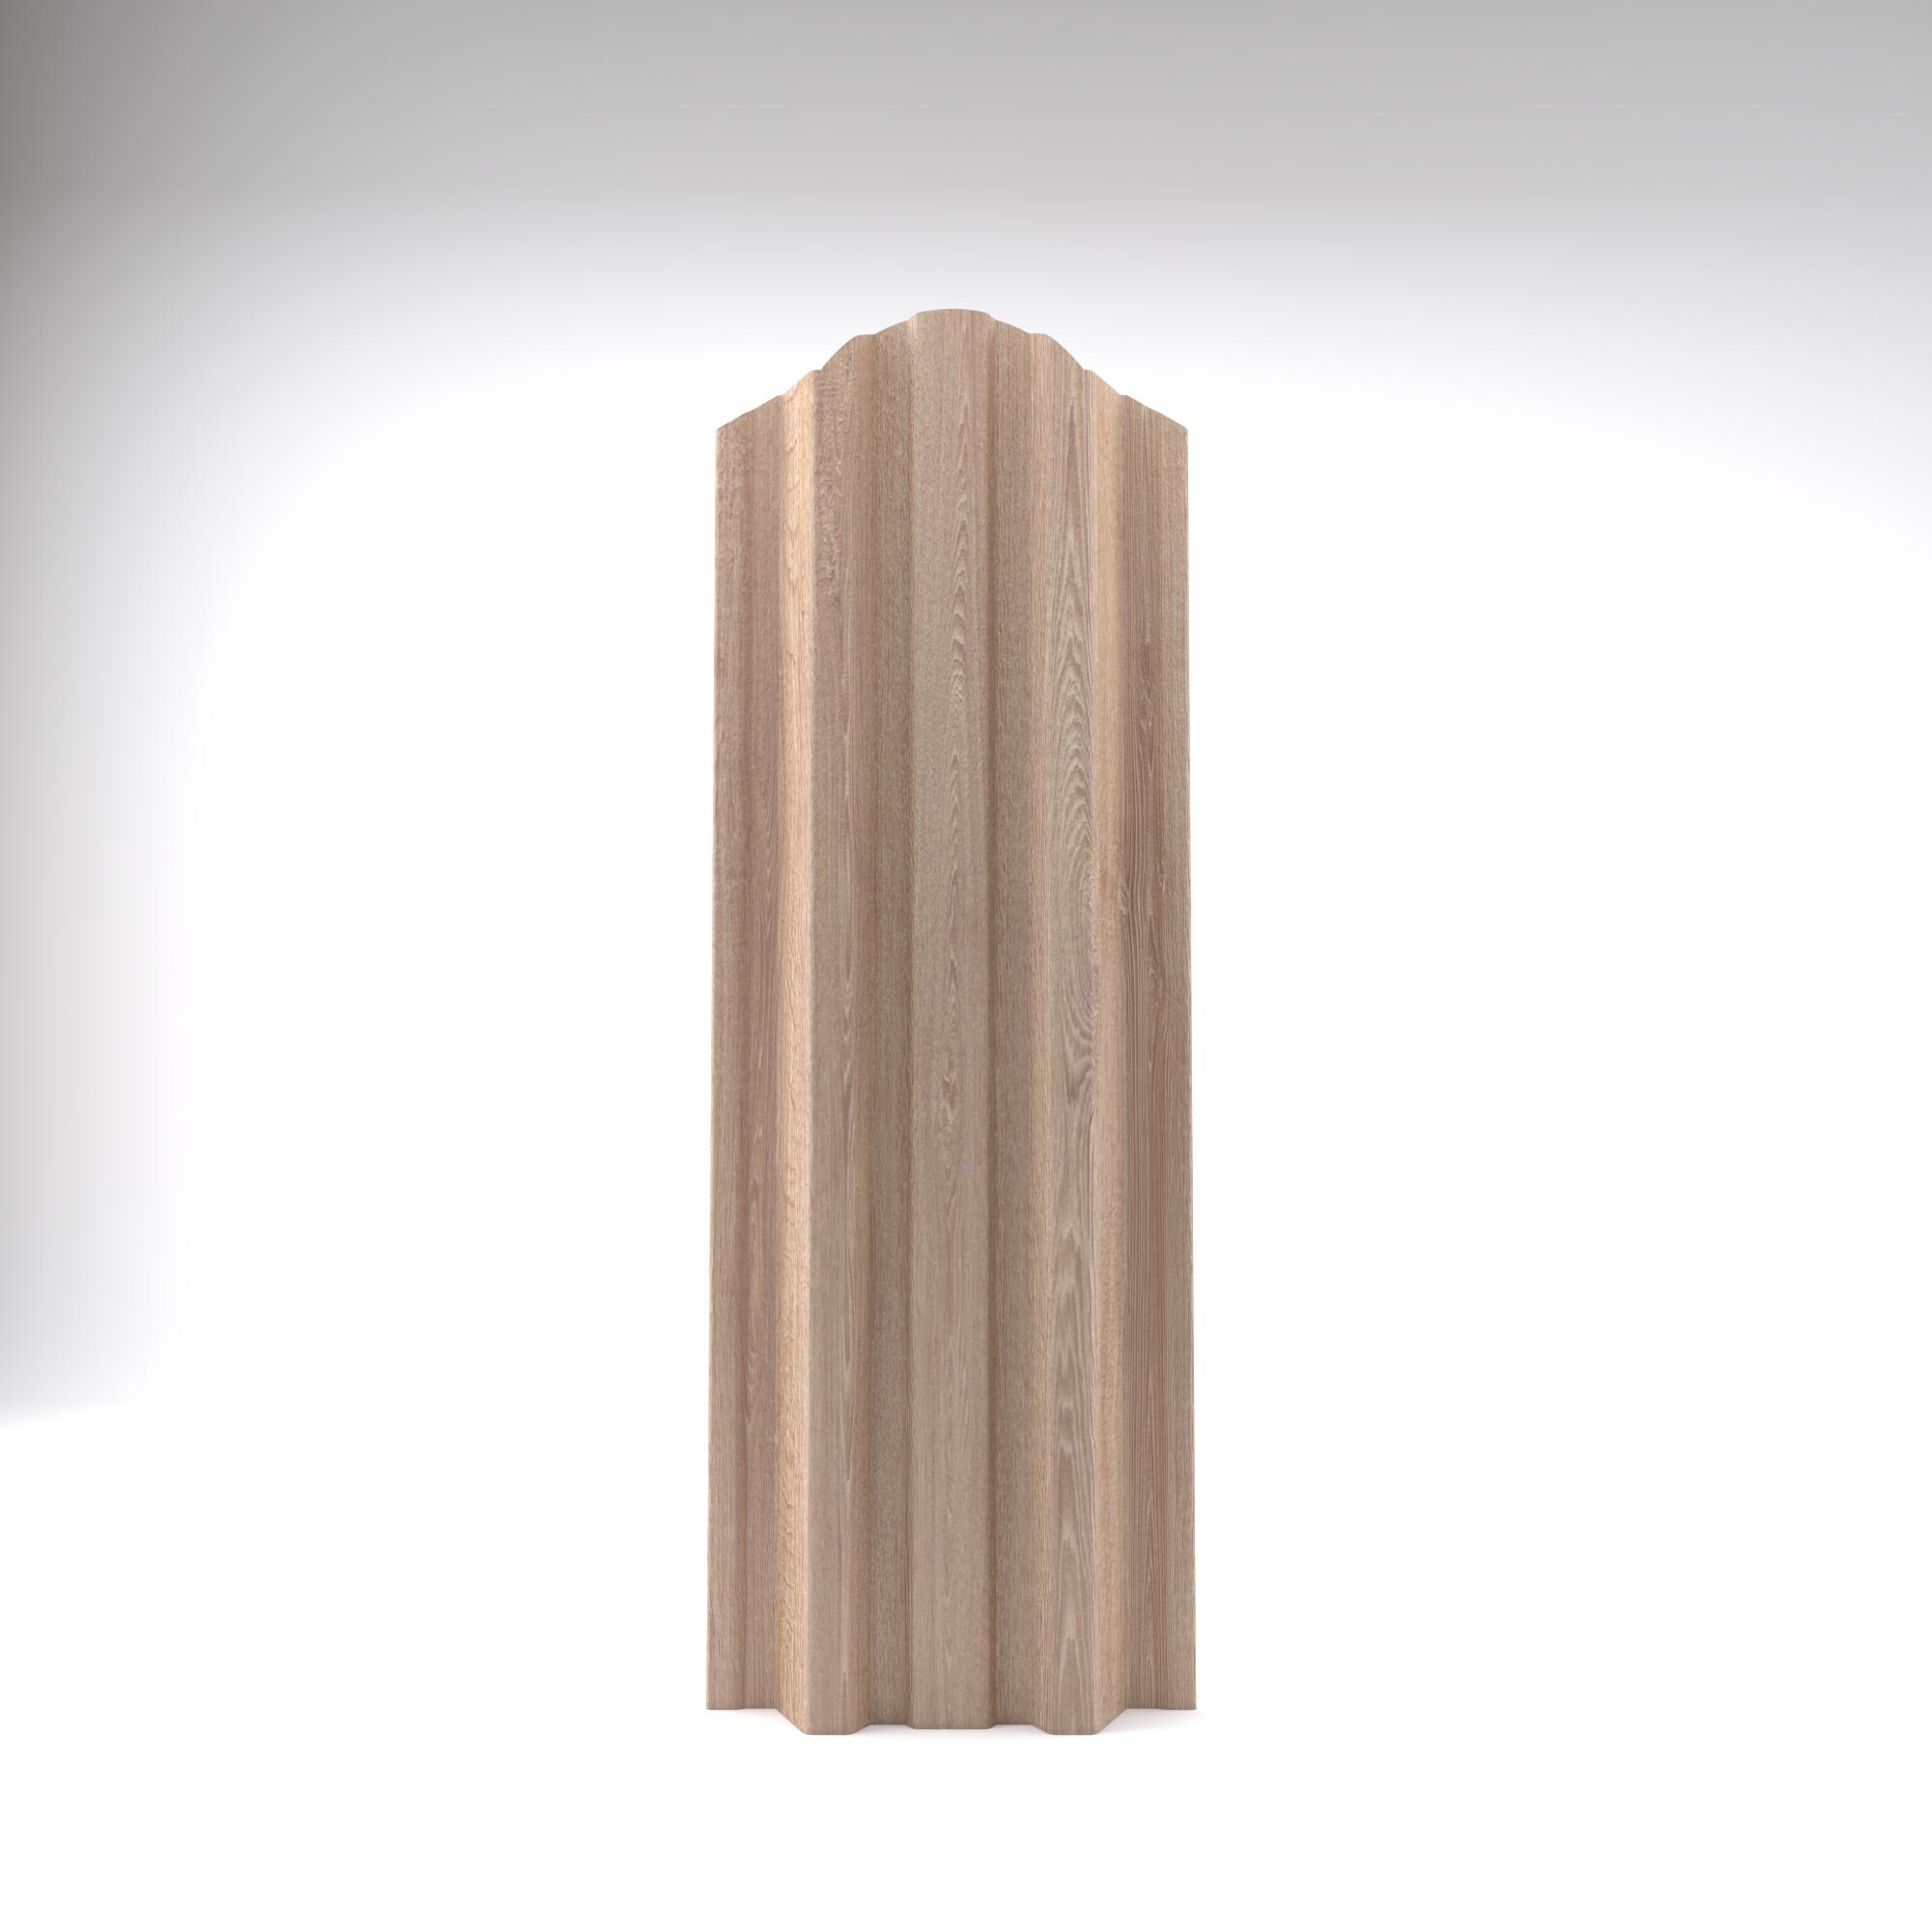 Штакетник Трапеция Премиум (109*20) в Саратове - купить Штакетник Трапеция Премиум (109*20) в Саратове прайс-лист цена 2021